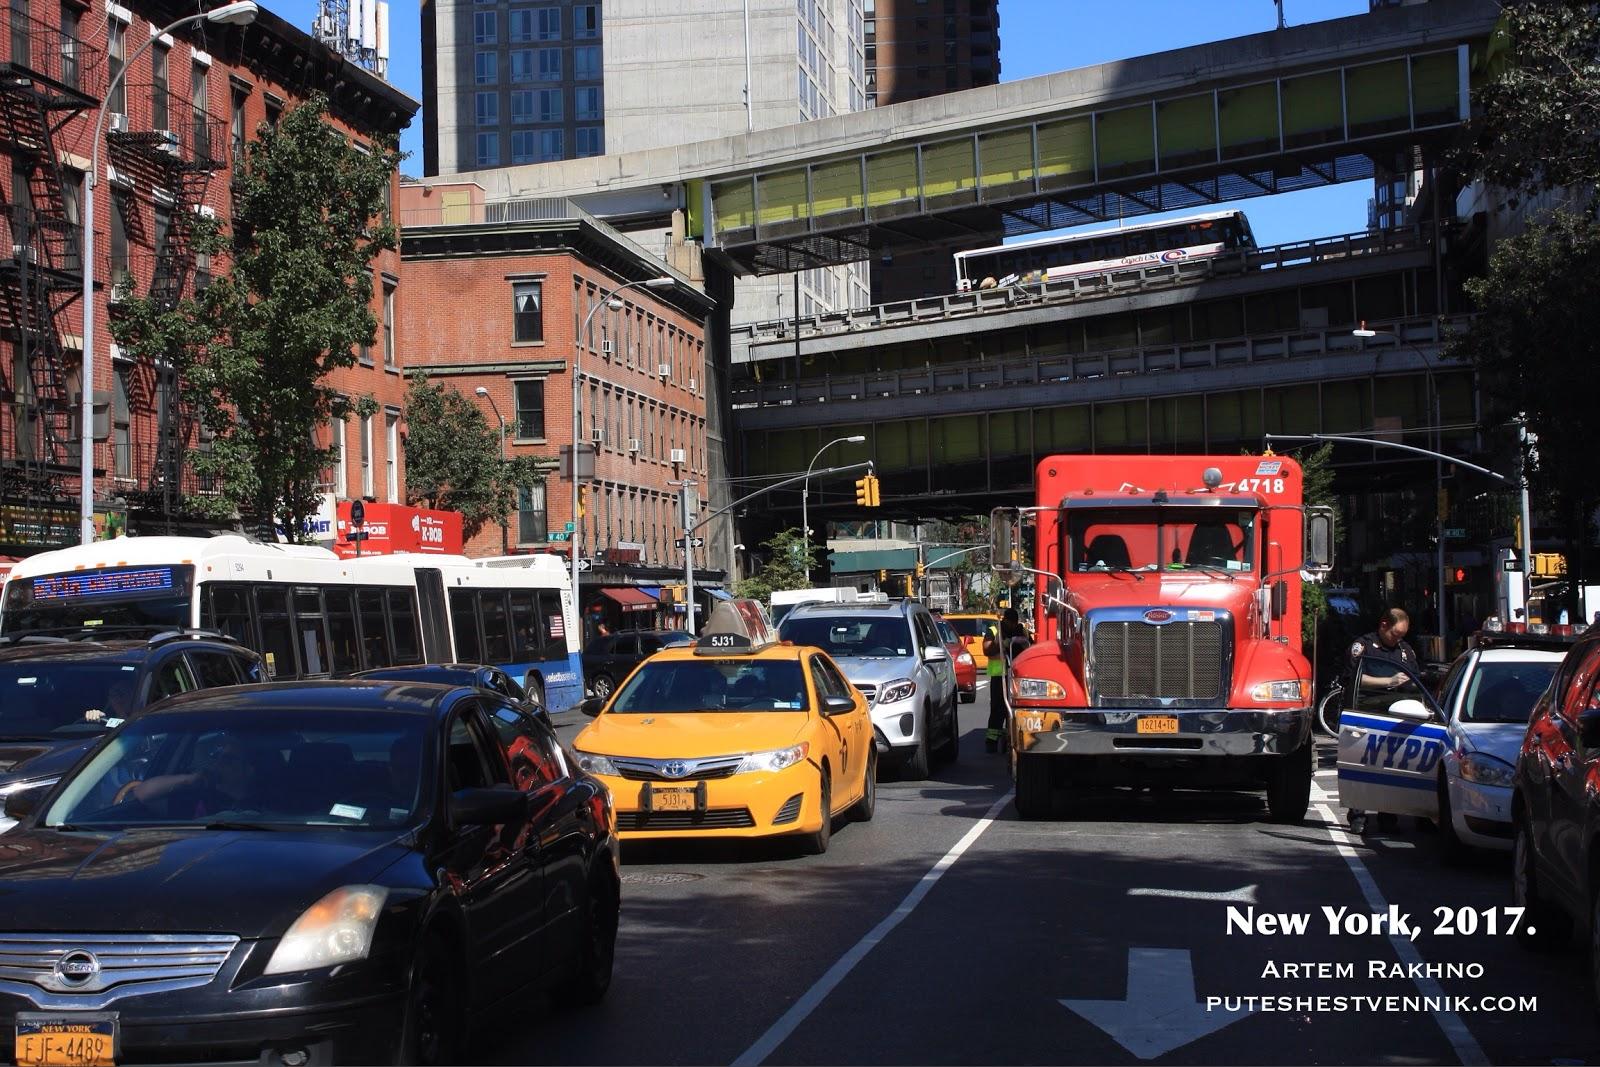 Машины и грузовики в Нью-Йорке